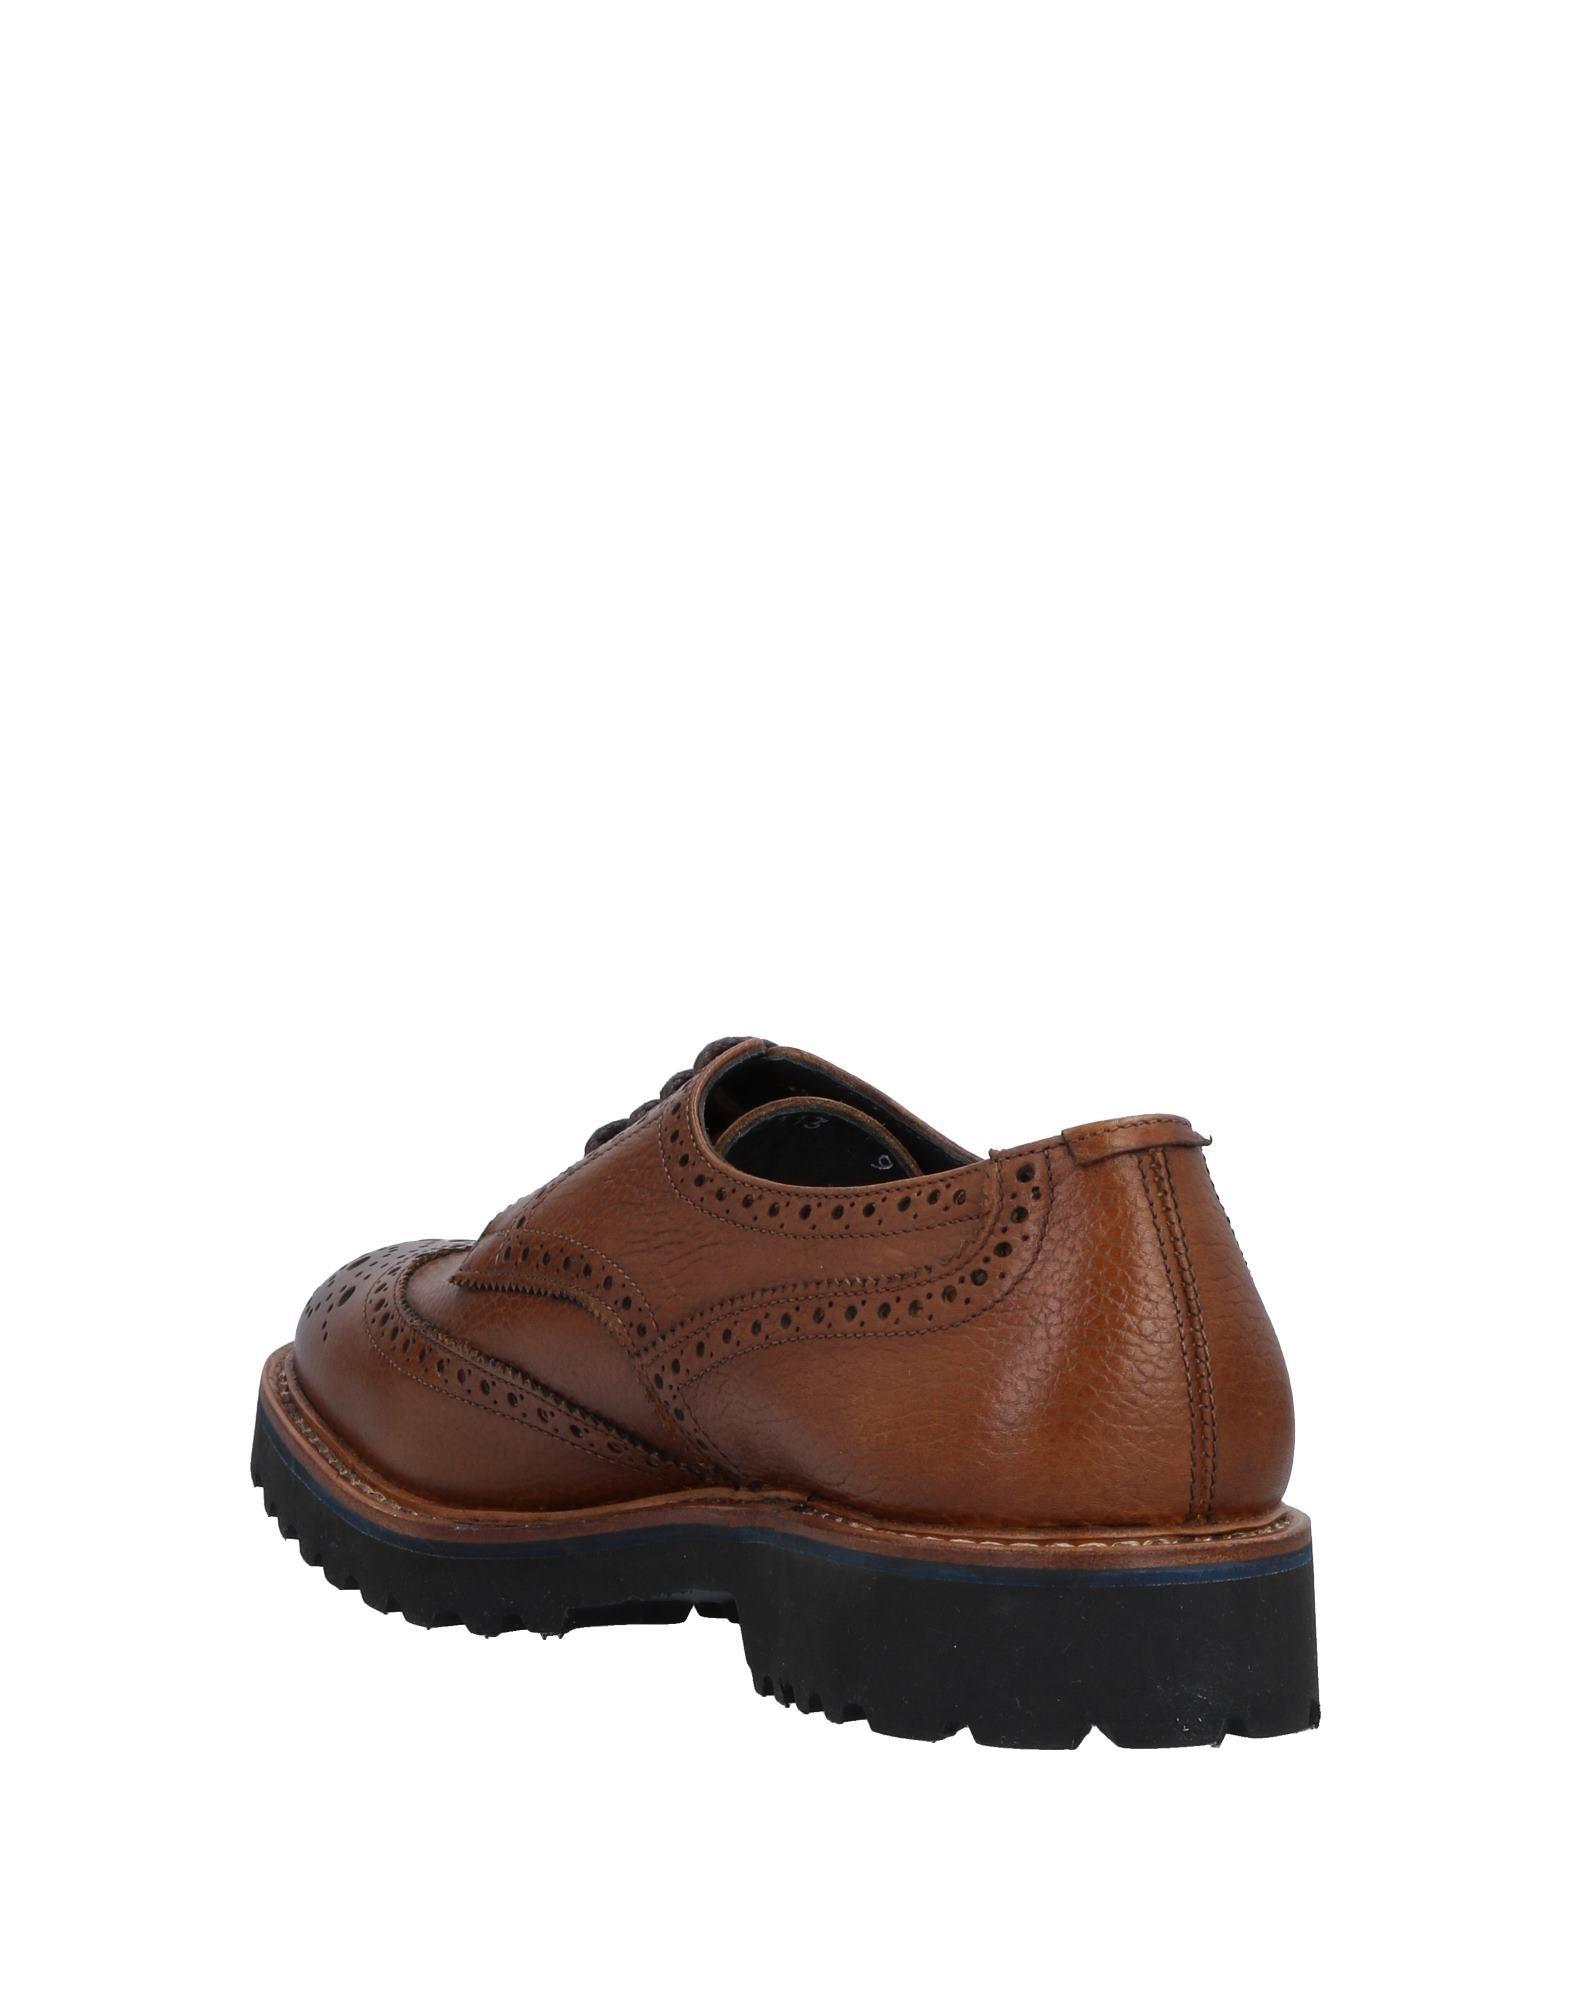 Sartorio Schnürschuhe Gute Herren  11533949GD Gute Schnürschuhe Qualität beliebte Schuhe 85702b